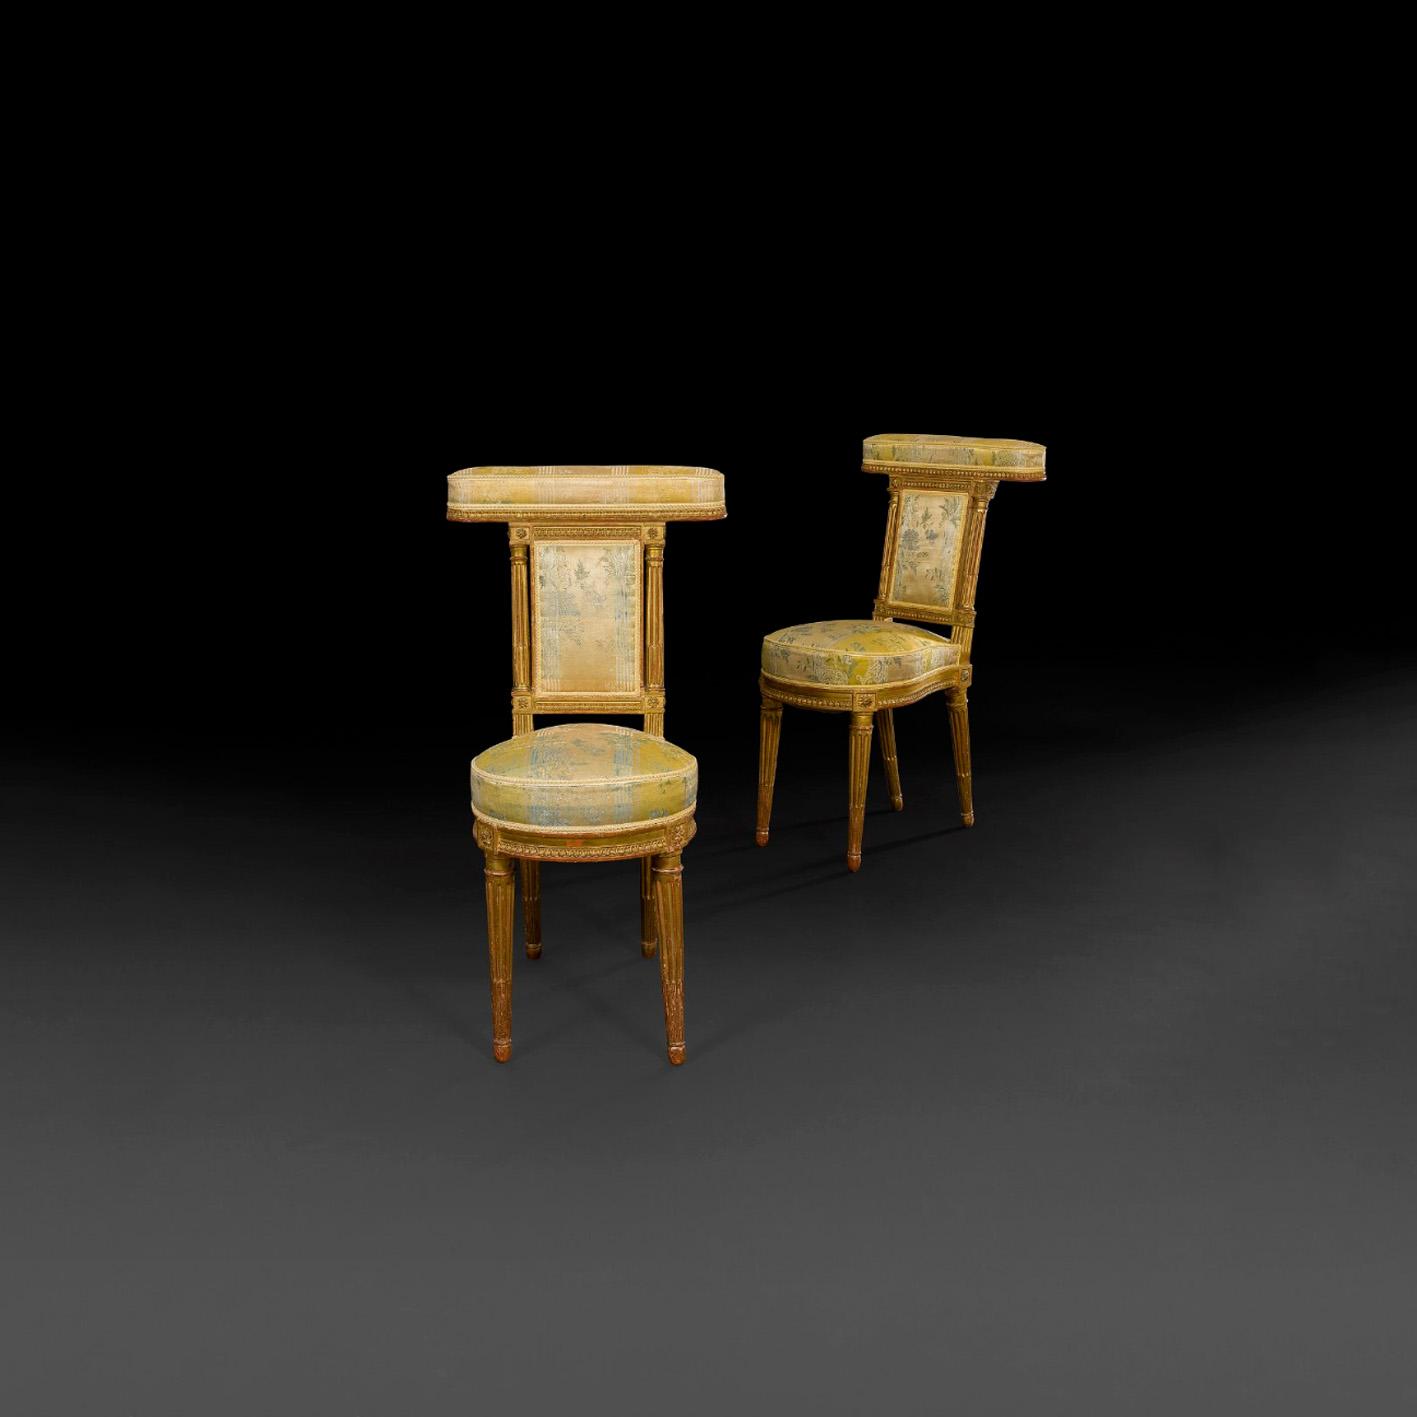 2432€ Époque LouisXVI, paire de chaises ponteuses en bois redoré sculpté de rais de cœurs, assise en fer à cheval, pieds fuselés, h.89